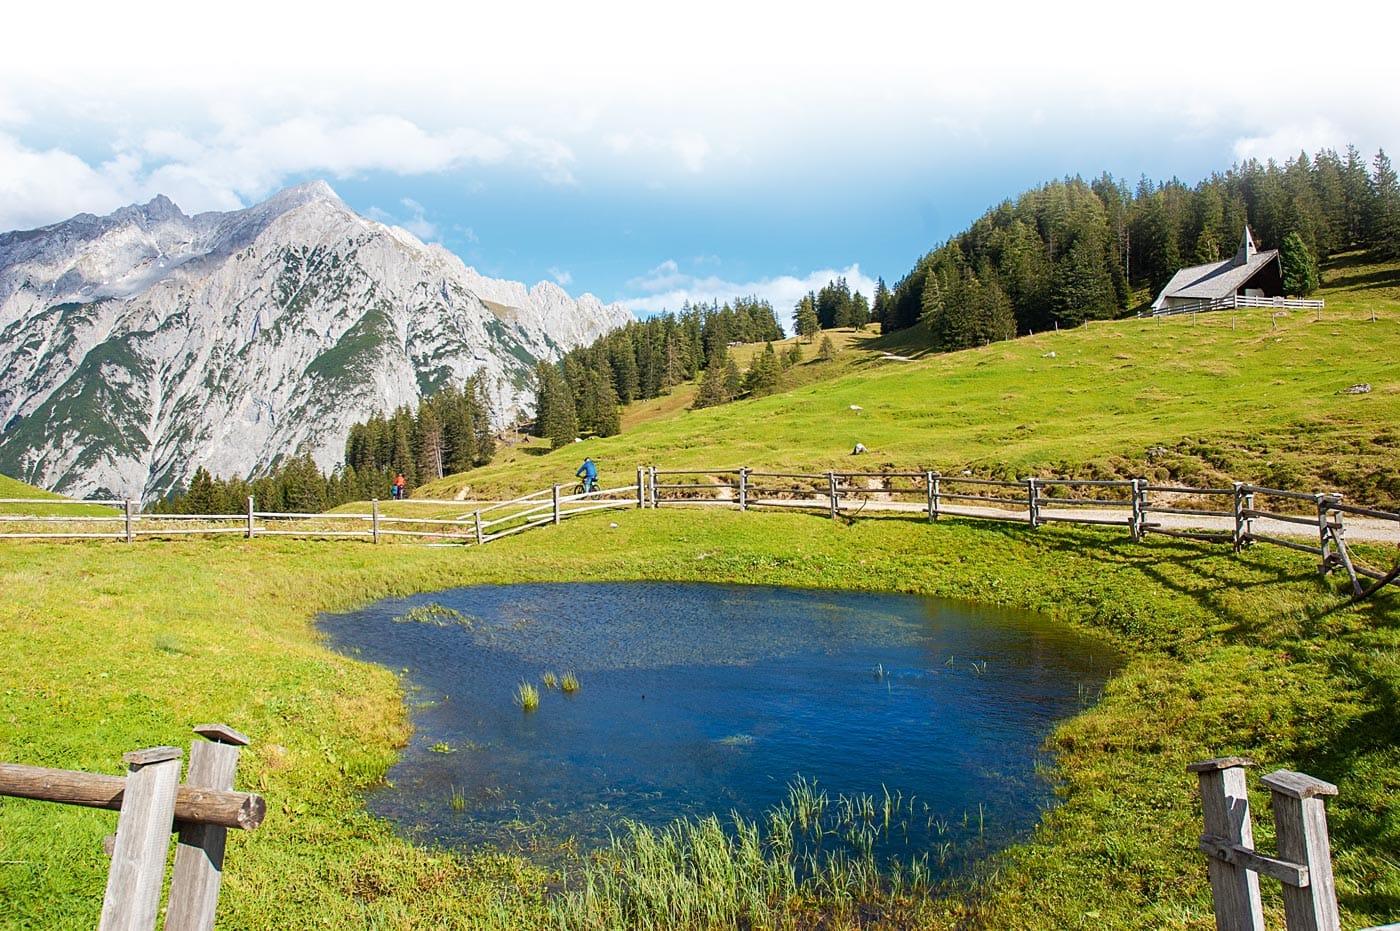 Naturzeit-Reisetipp: Wandern mit Kindern in der Umgebung von Innsbruck: Walderalm // HIMBEER